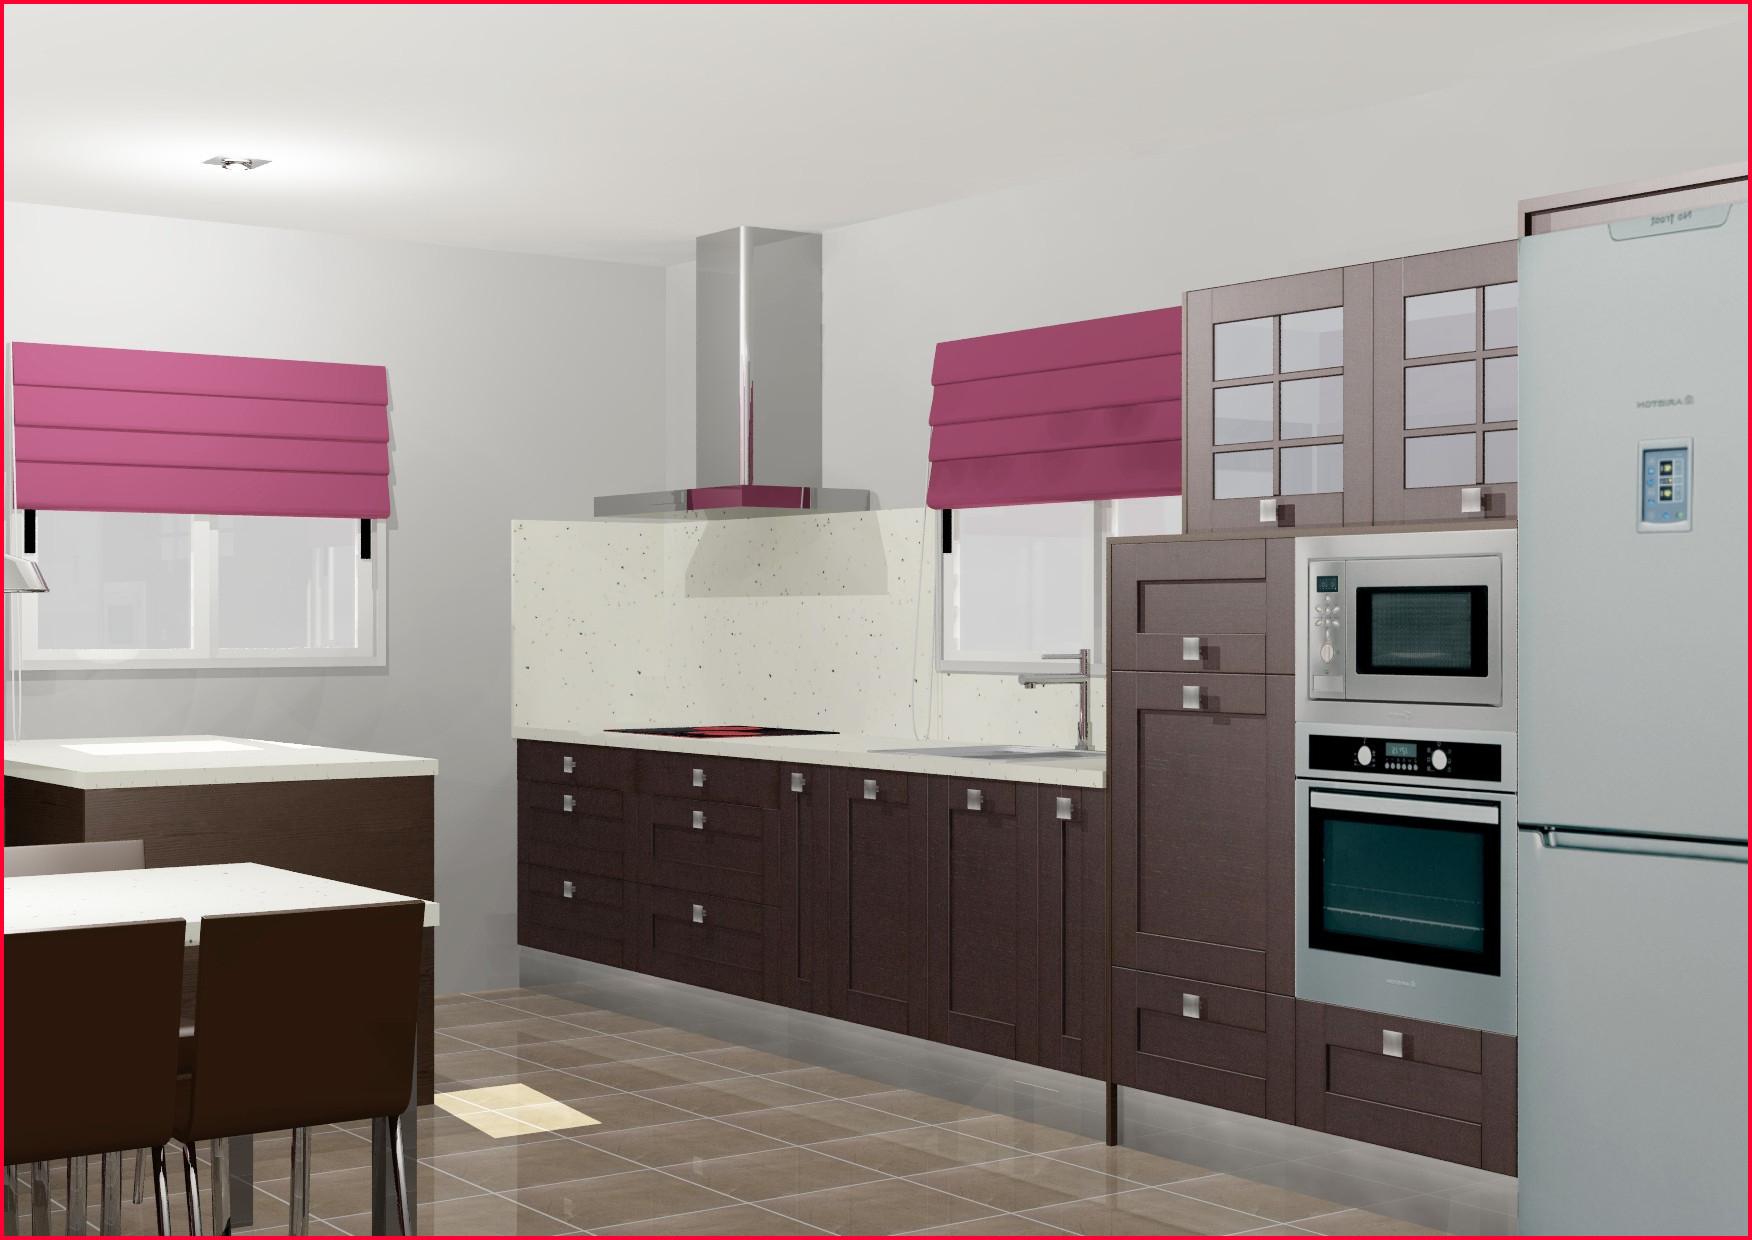 Muebles De Baño Baratos Online 3id6 Muebles Cocina Baratos Online Muebles De Cocina Baratos Line